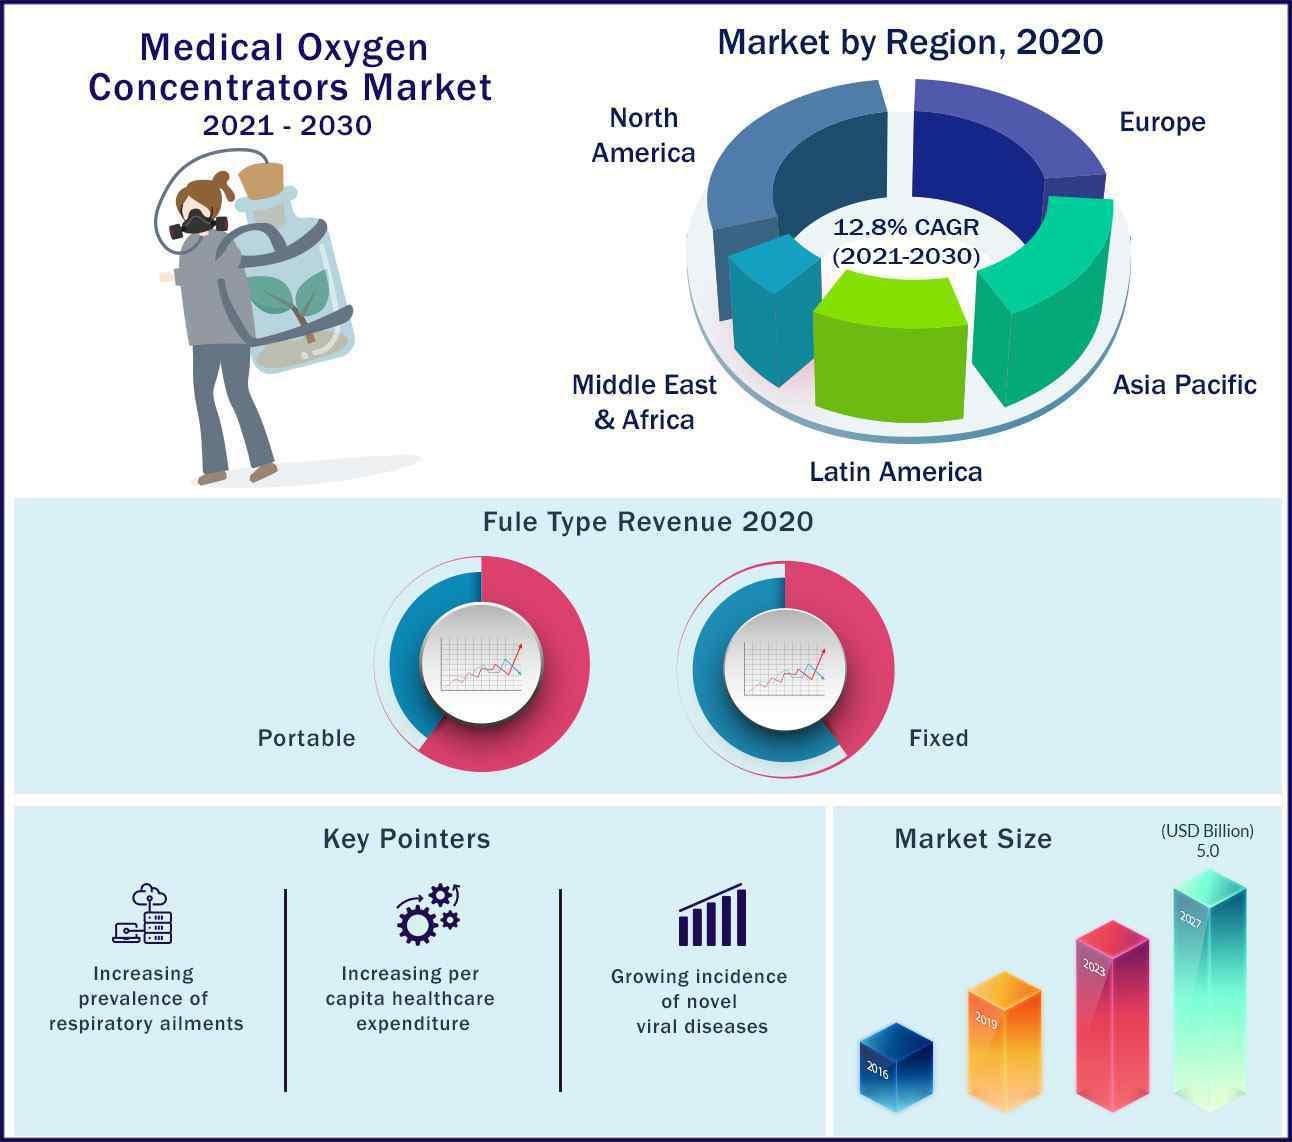 Global Medical Oxygen Concentrators Market 2021 to 2030